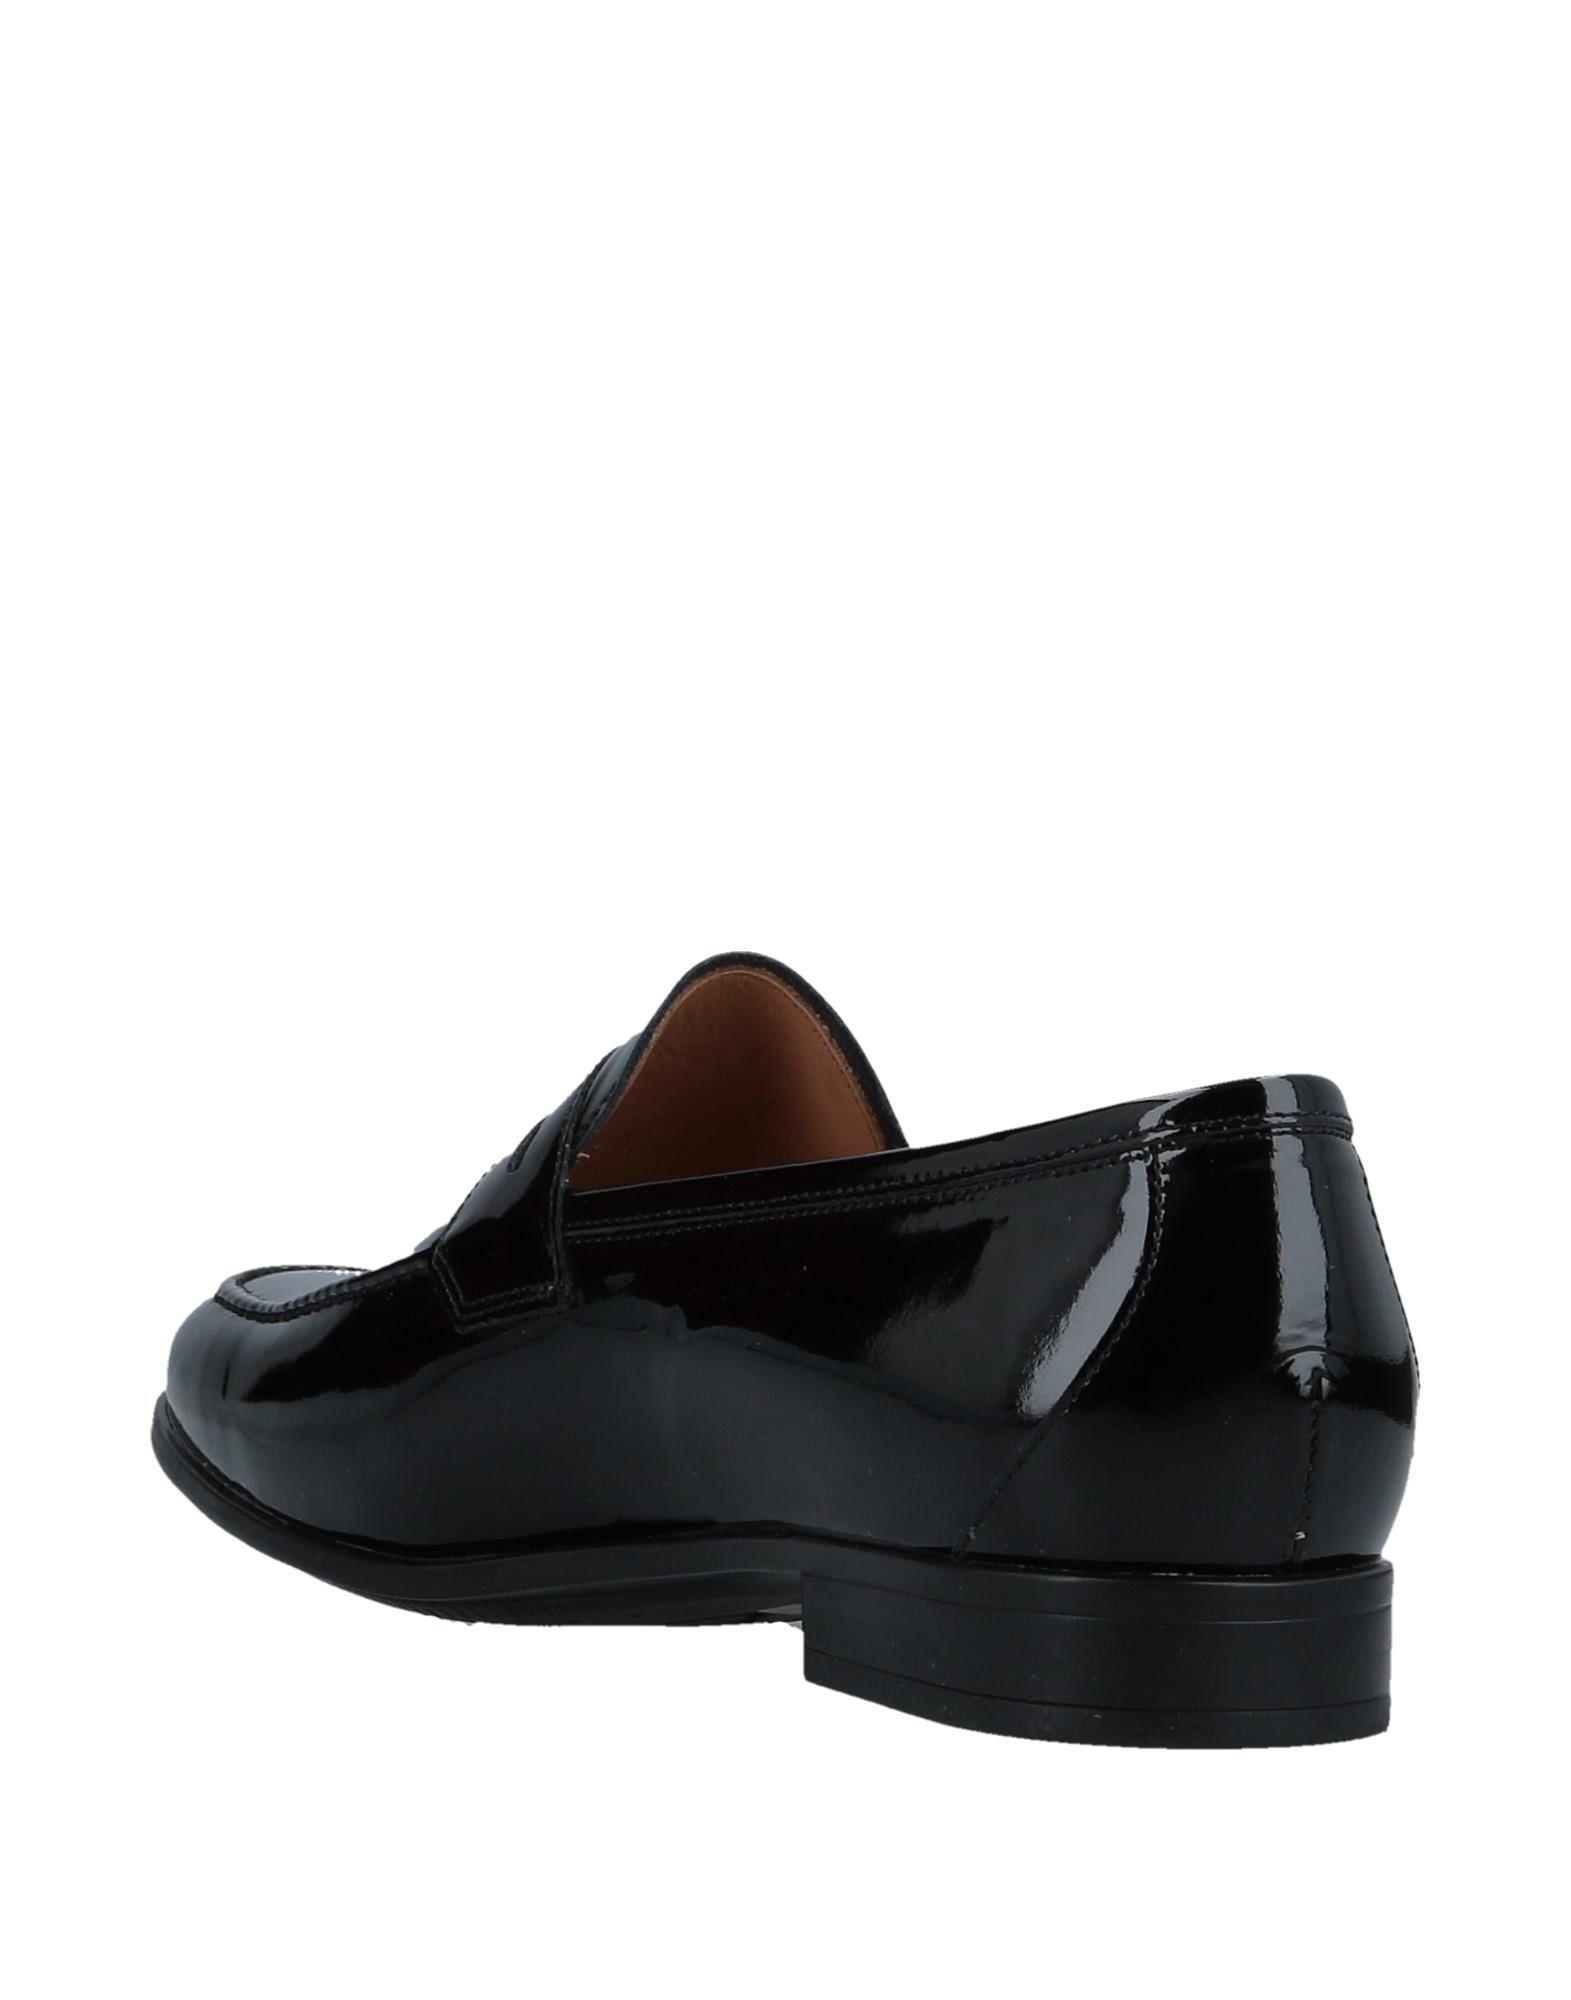 Cantarelli Mokassins Qualität Herren  11507876NQ Gute Qualität Mokassins beliebte Schuhe 5f7dba